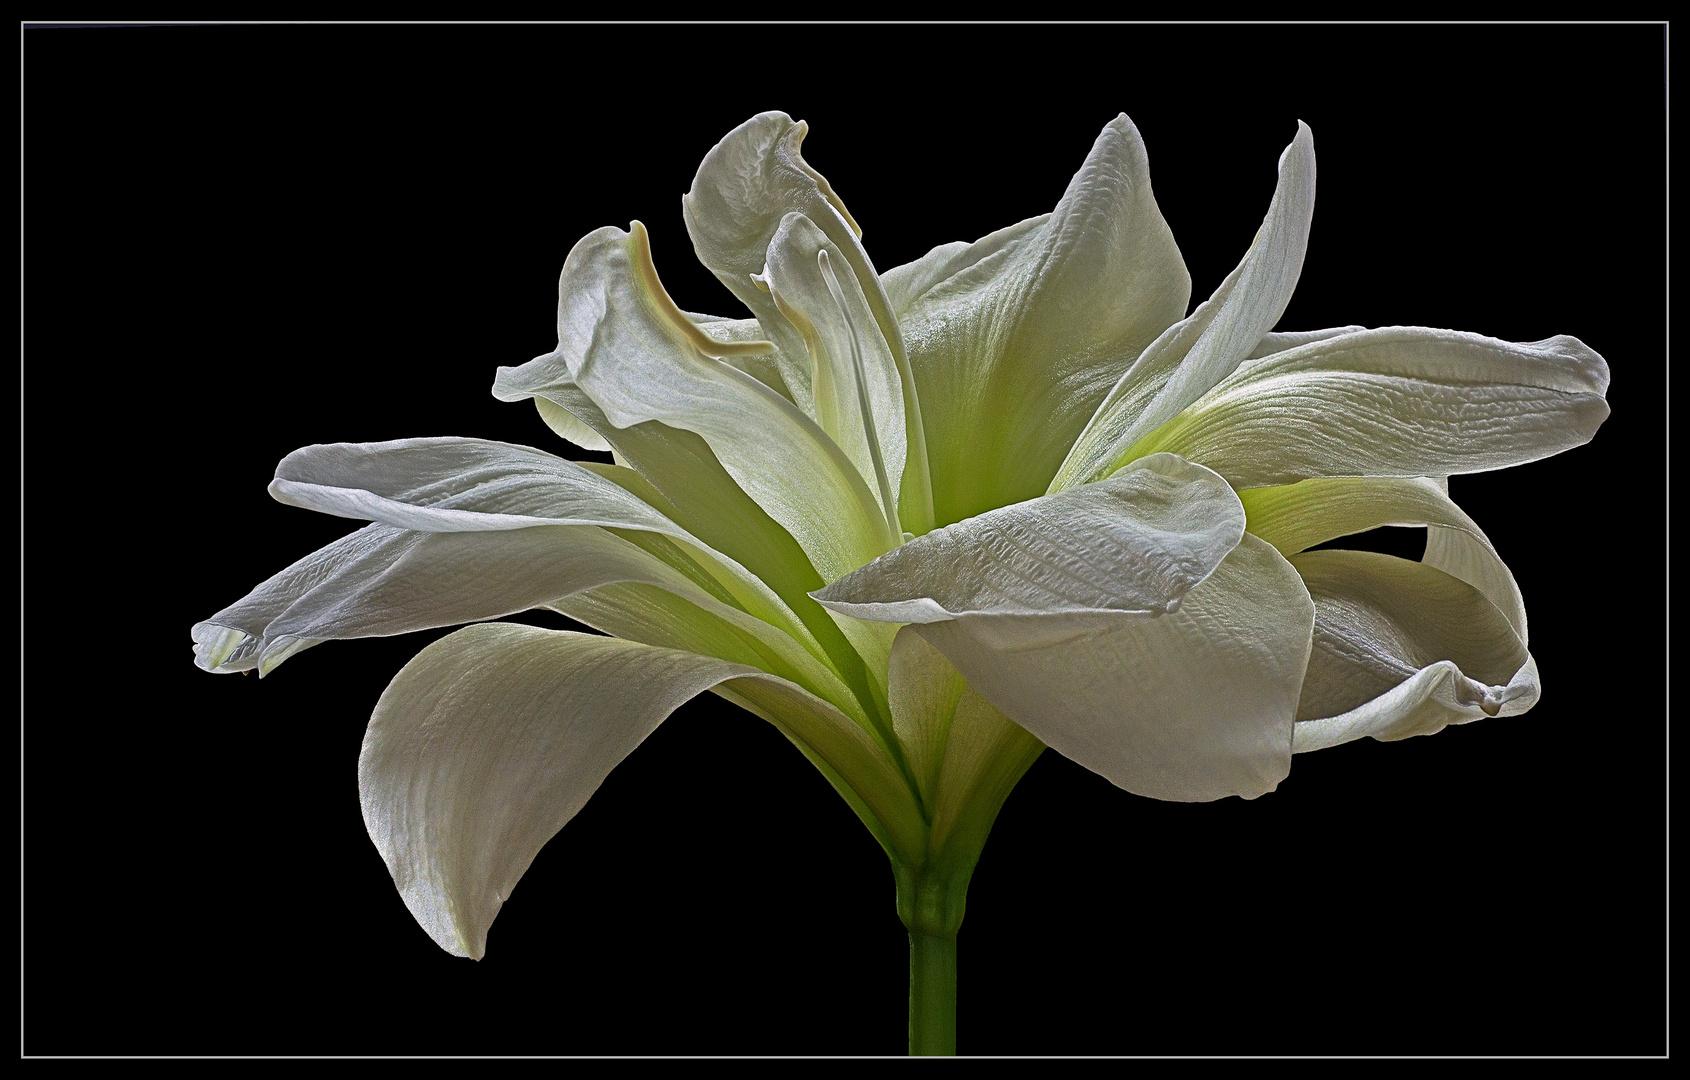 Sie gehören zu den schönsten Blumen der Adventszeit